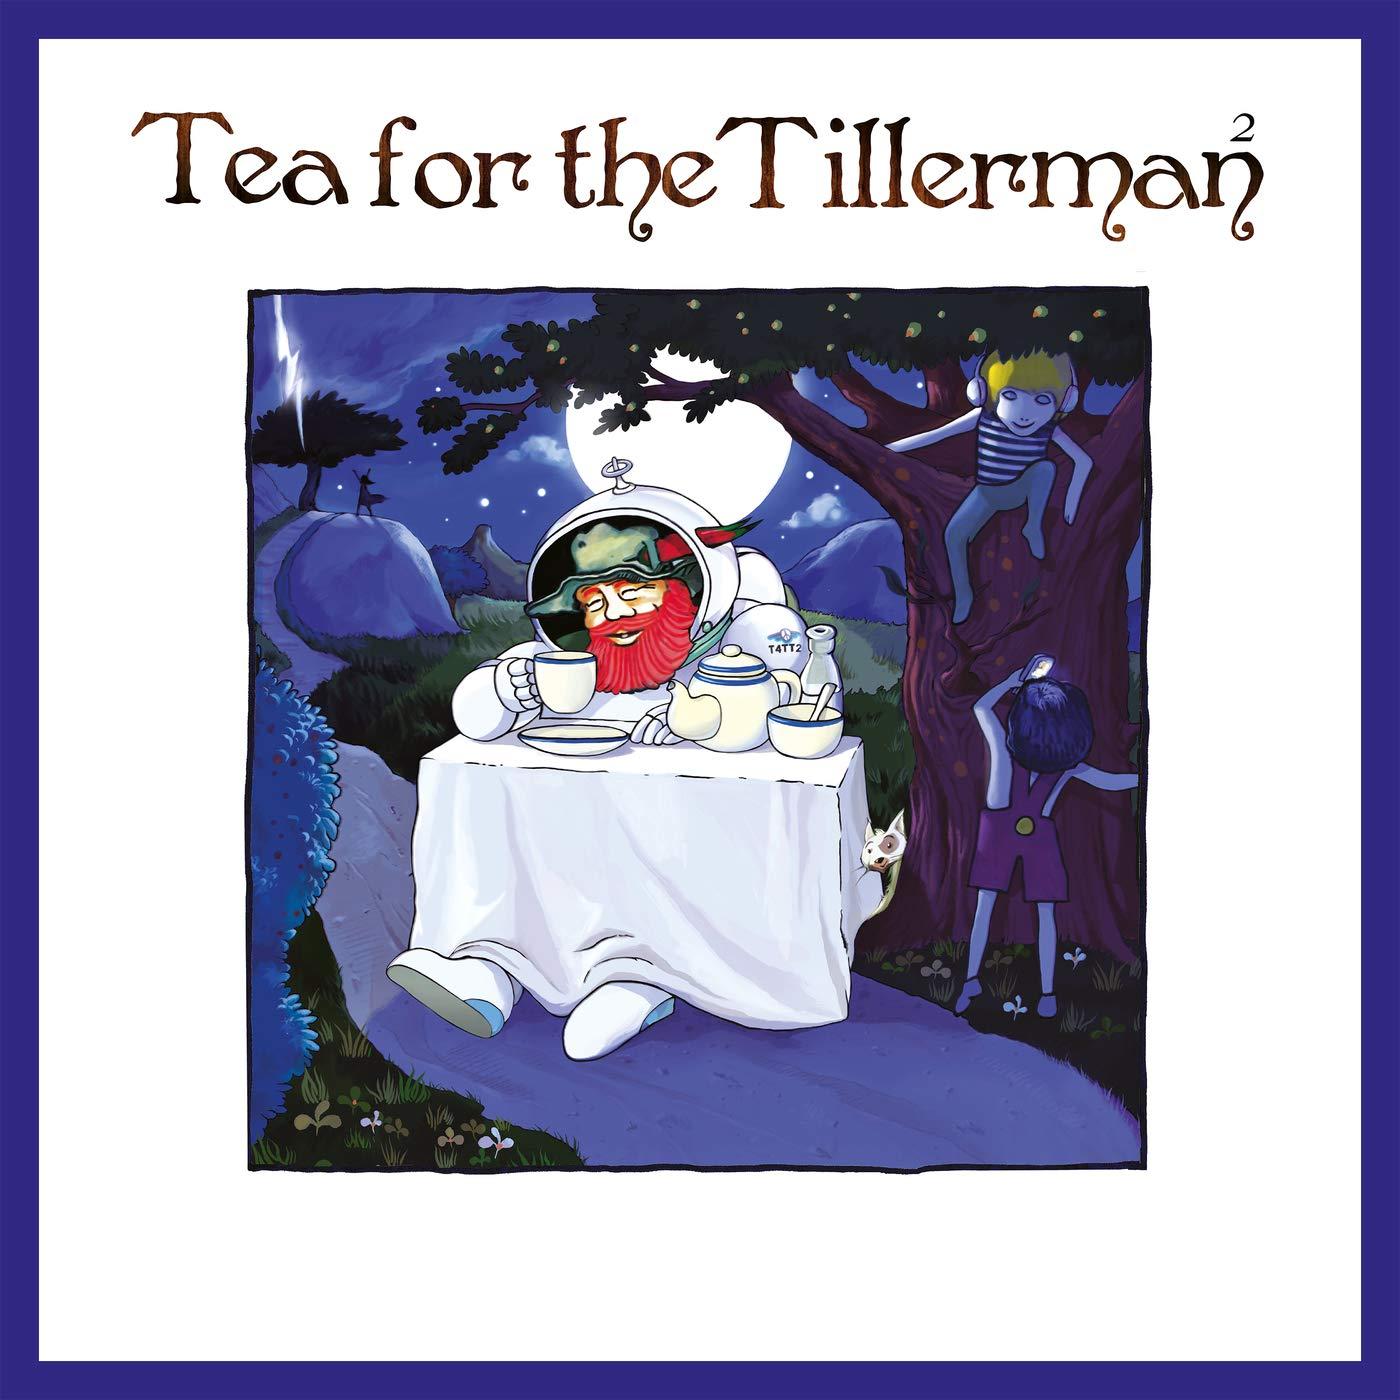 Yusuf/Cat Stevens: Tea for the Tillerman²